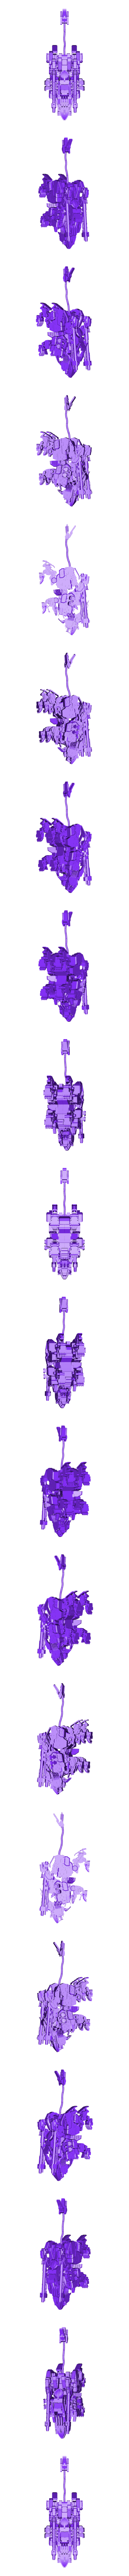 Merge_of_Liger_Zero_Panzer_6_Rescaled0.010.stl Télécharger fichier STL gratuit PLUS DE ZOÏDES • Design pour impression 3D, Peanut3DButter